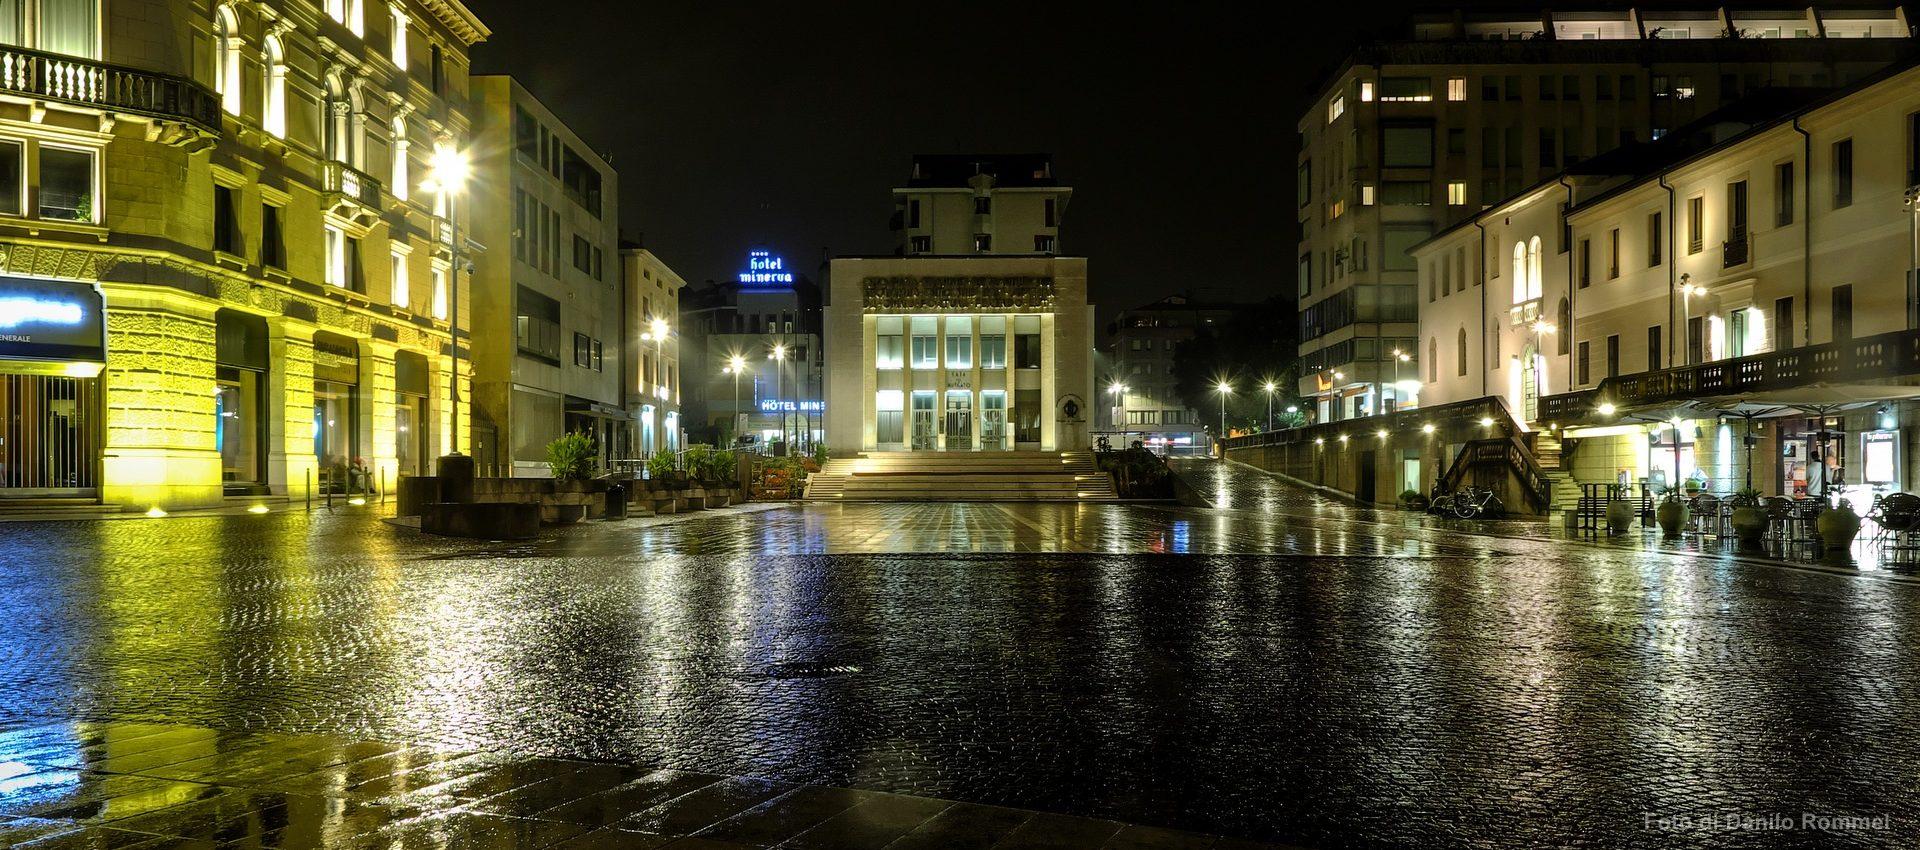 Piazza XX settembre di notte in centro a Pordenone